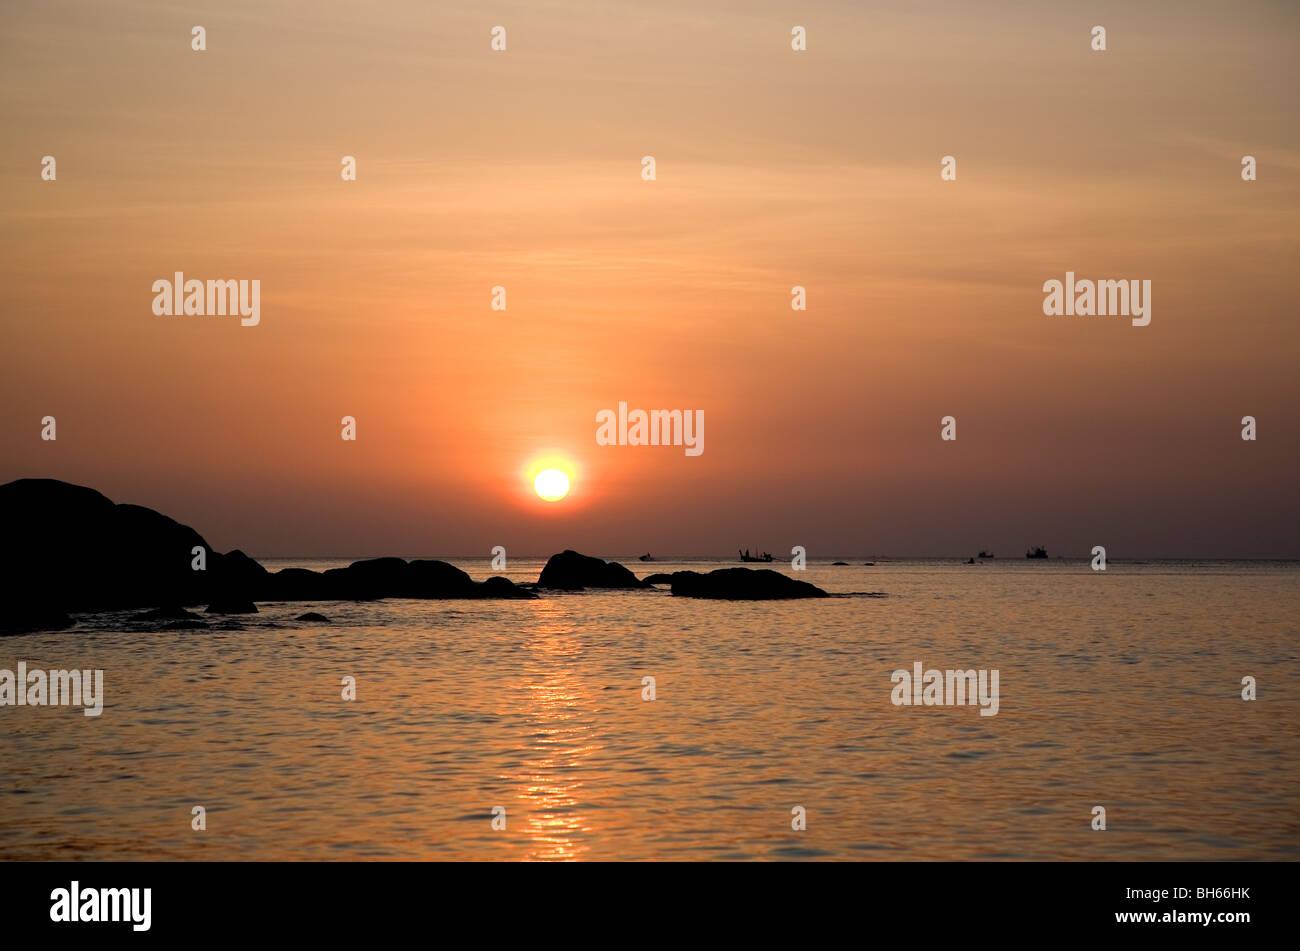 Sunset on Karon Beach, Phuket Stock Photo